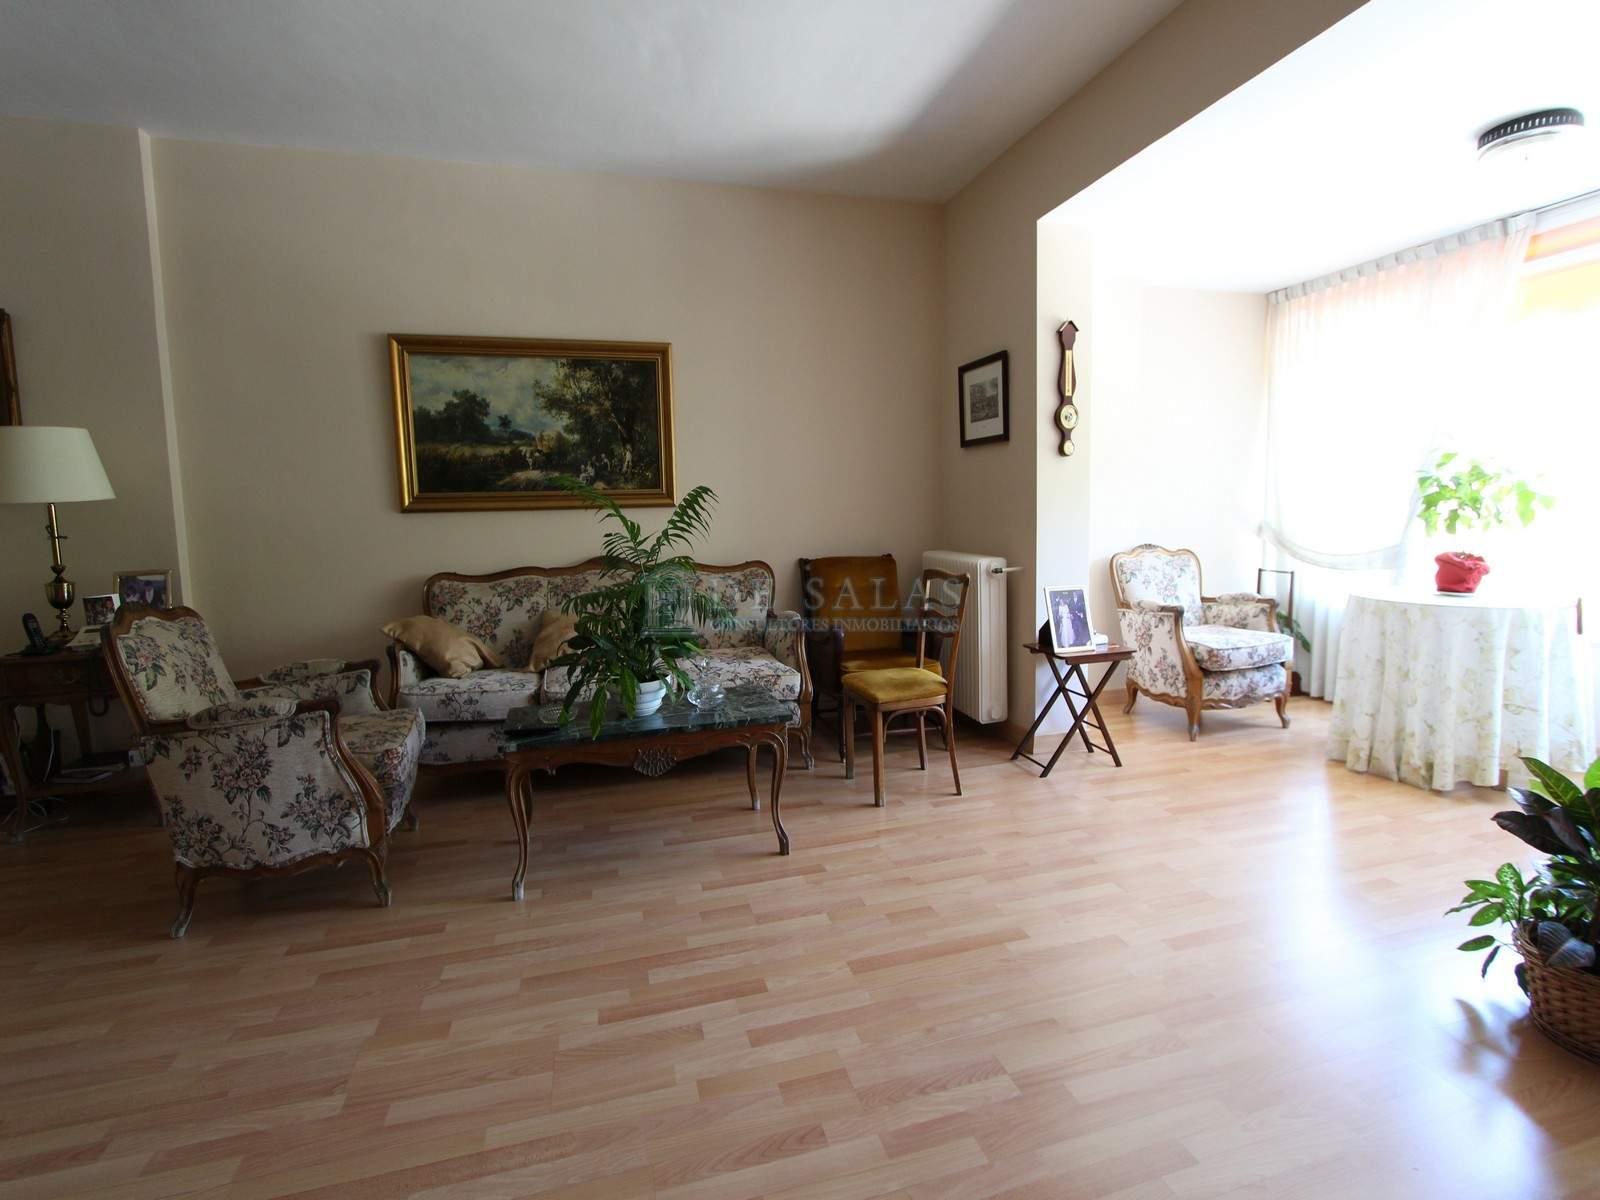 Salón Flat Fuentelarreina